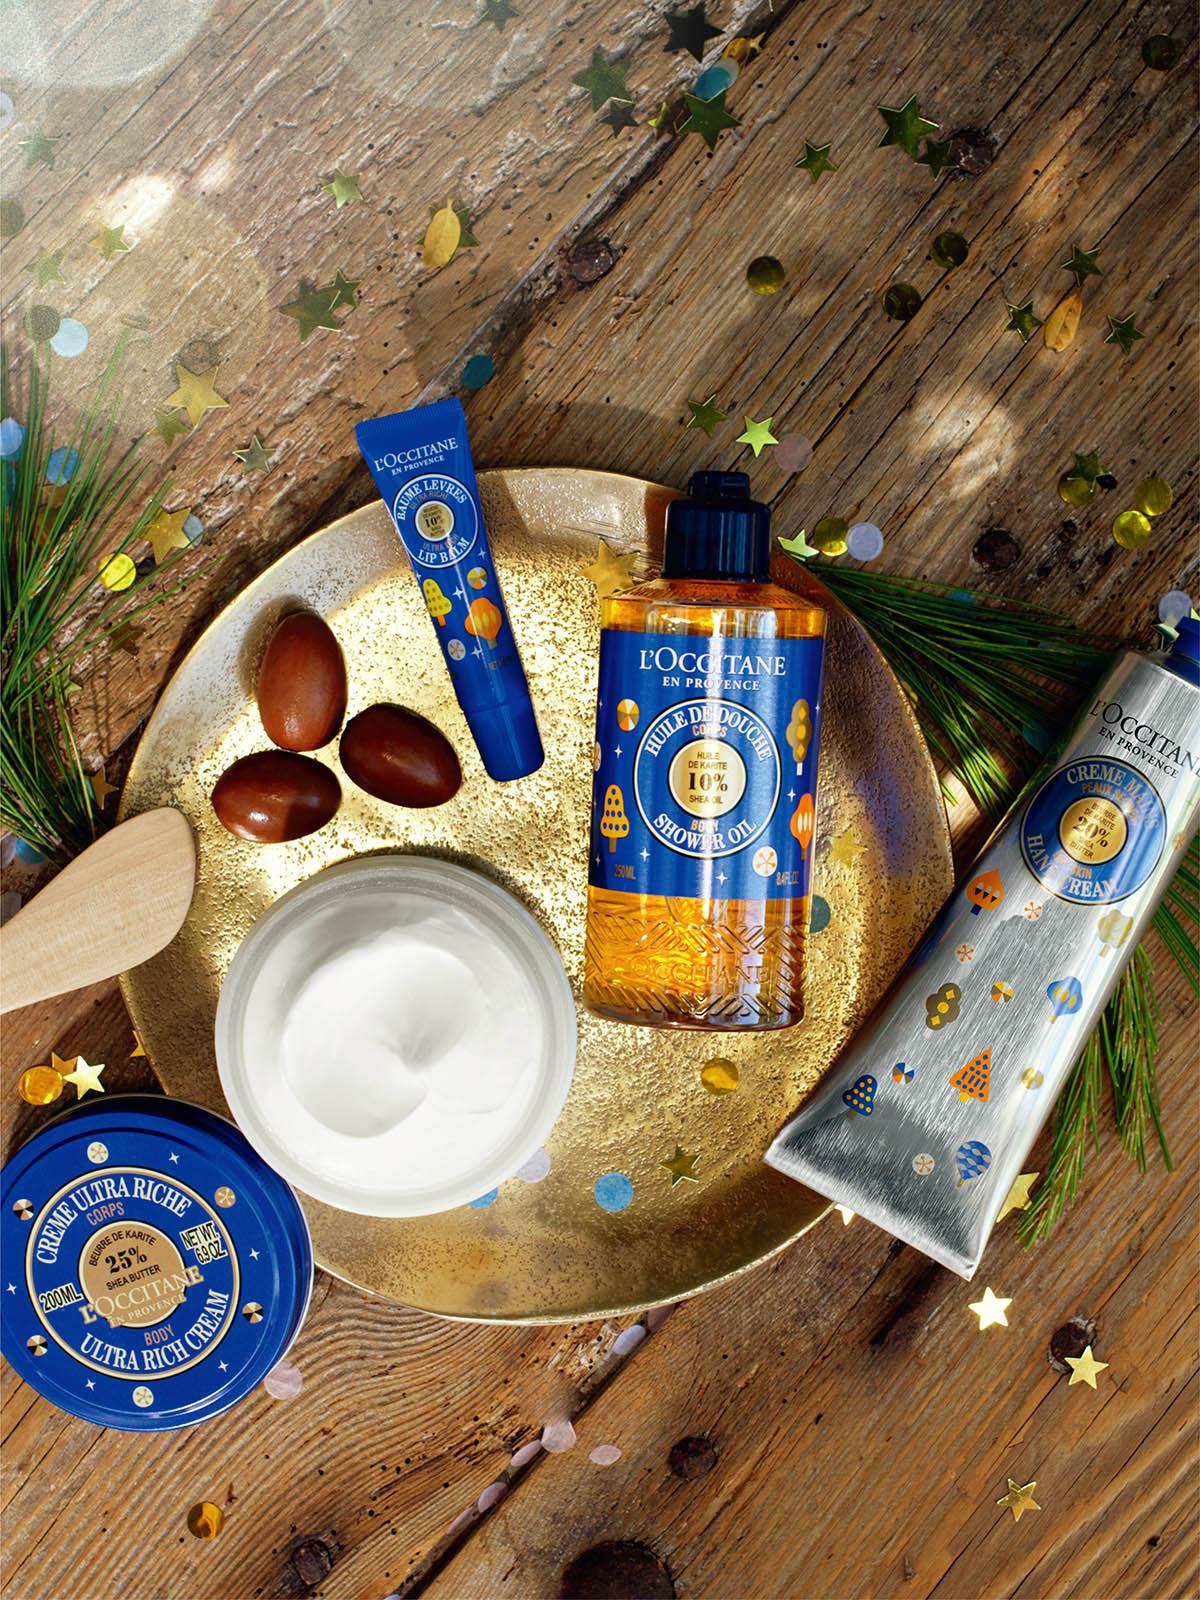 經典湛藍包裝的夢想乳油木系列、交織暖橙的夢想乳油木蜂蜜系列